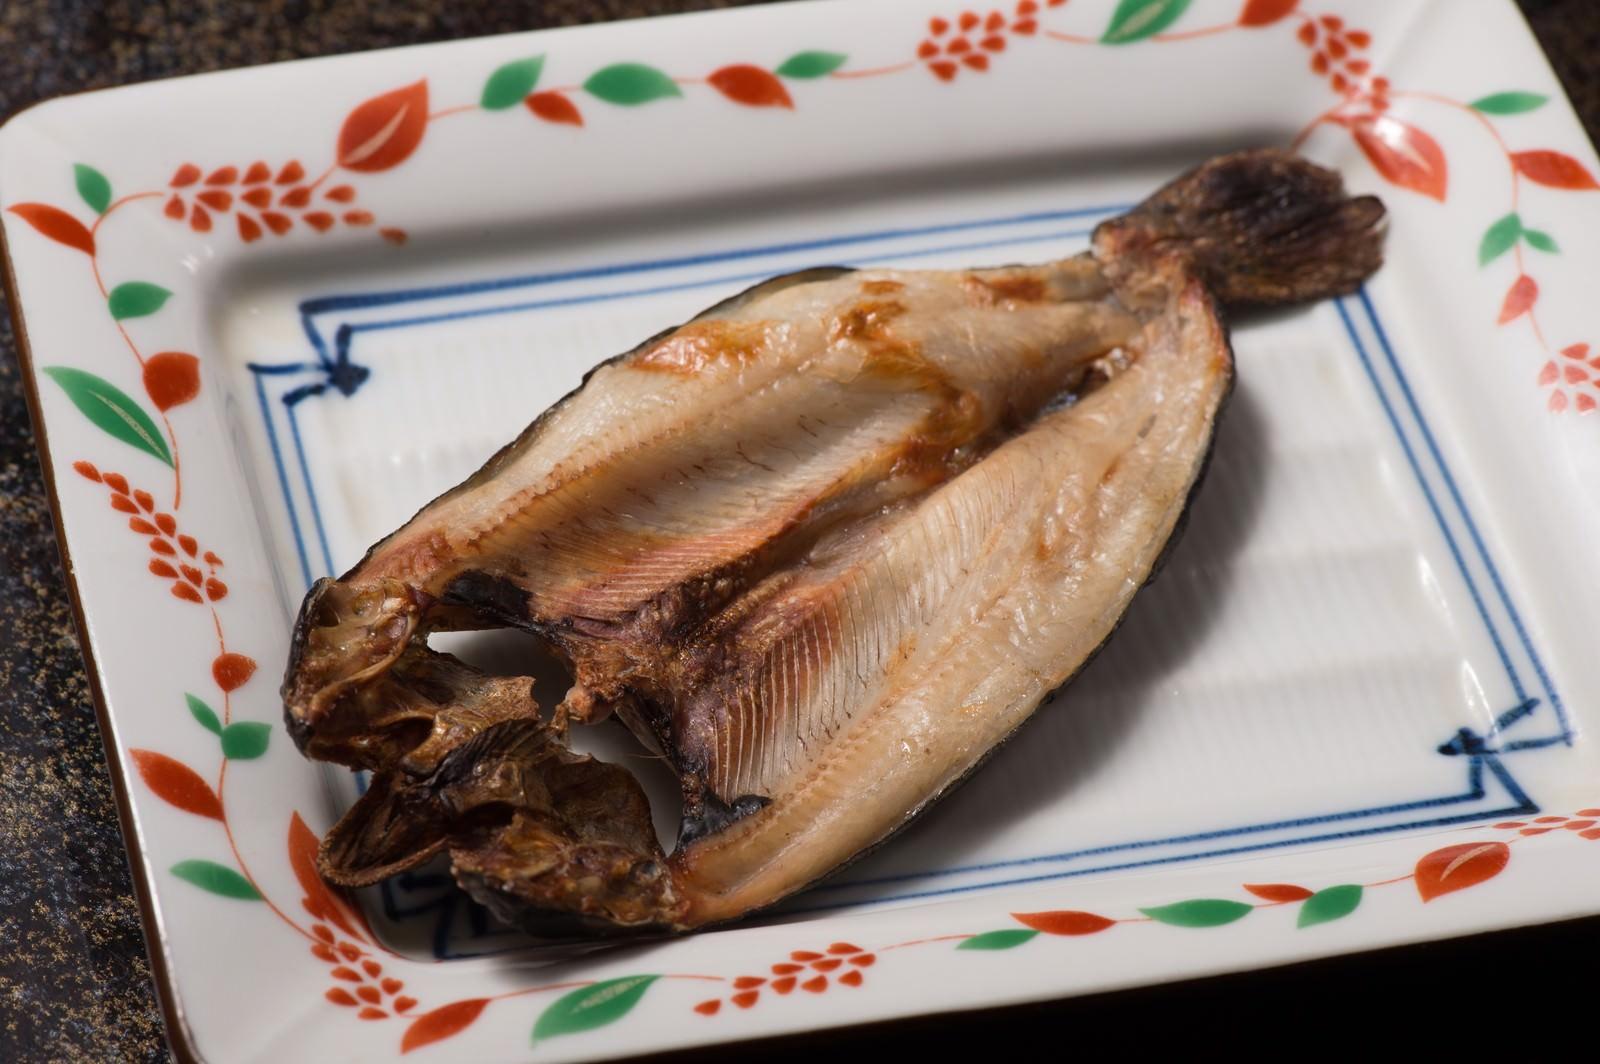 「うす塩味のニジマスの干物うす塩味のニジマスの干物」のフリー写真素材を拡大